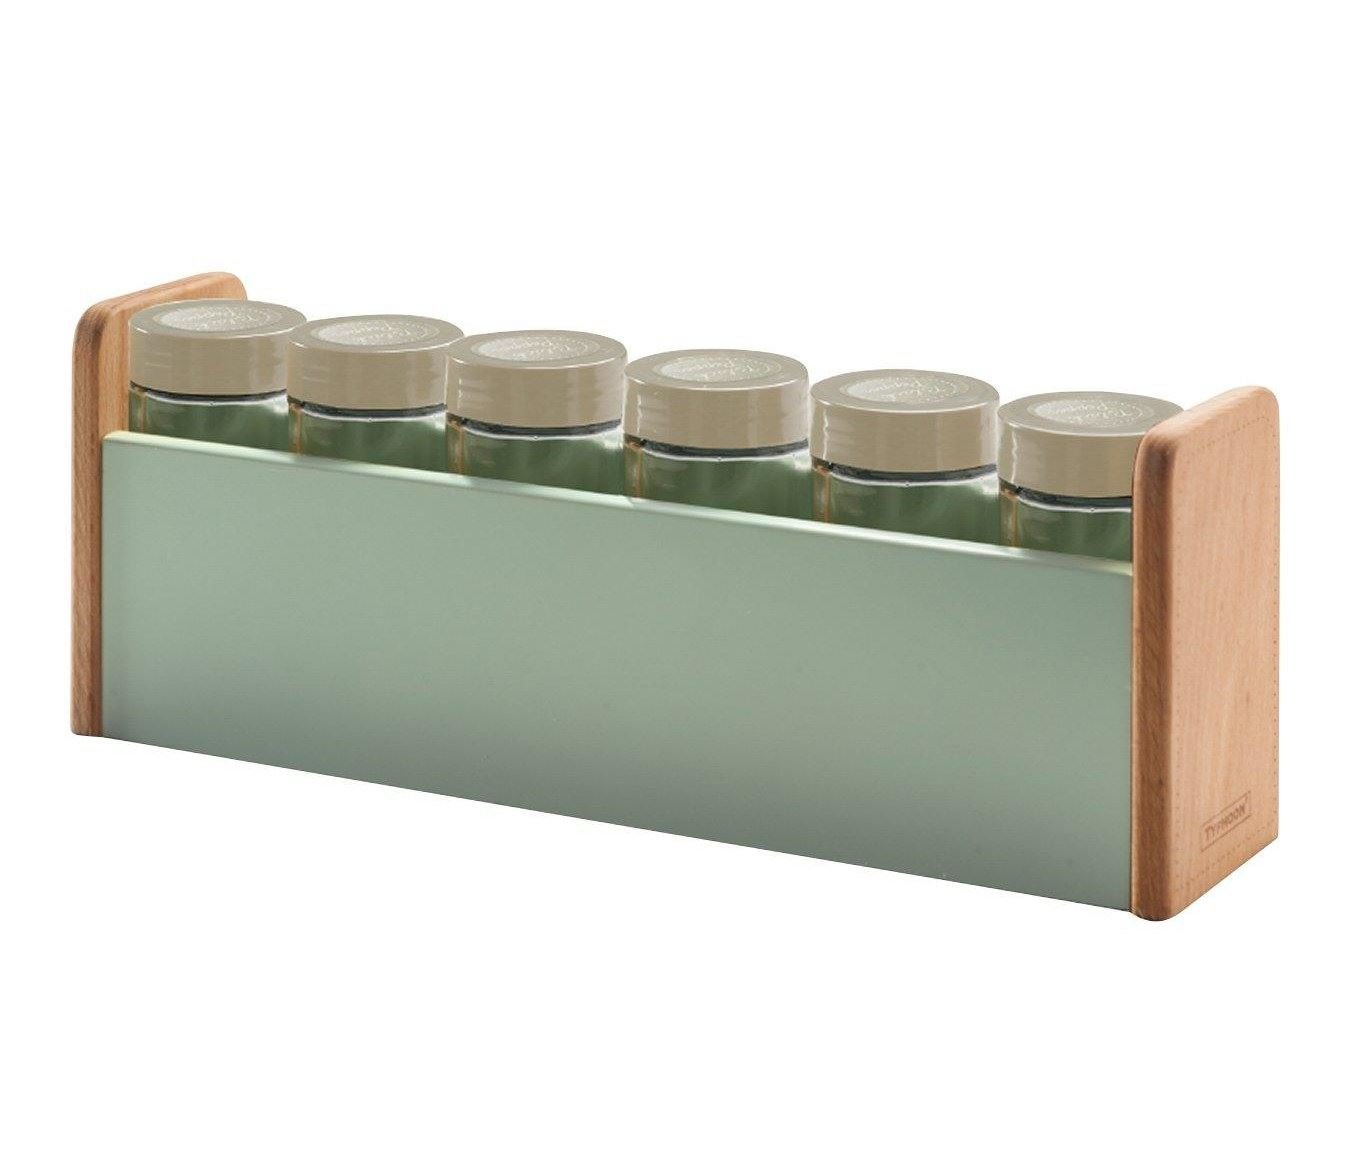 Typhoon vintage americana cucina portaspezie con barattoli e etichette, legno, verde, 29.4x 7.5x 11.5cm 1400.847